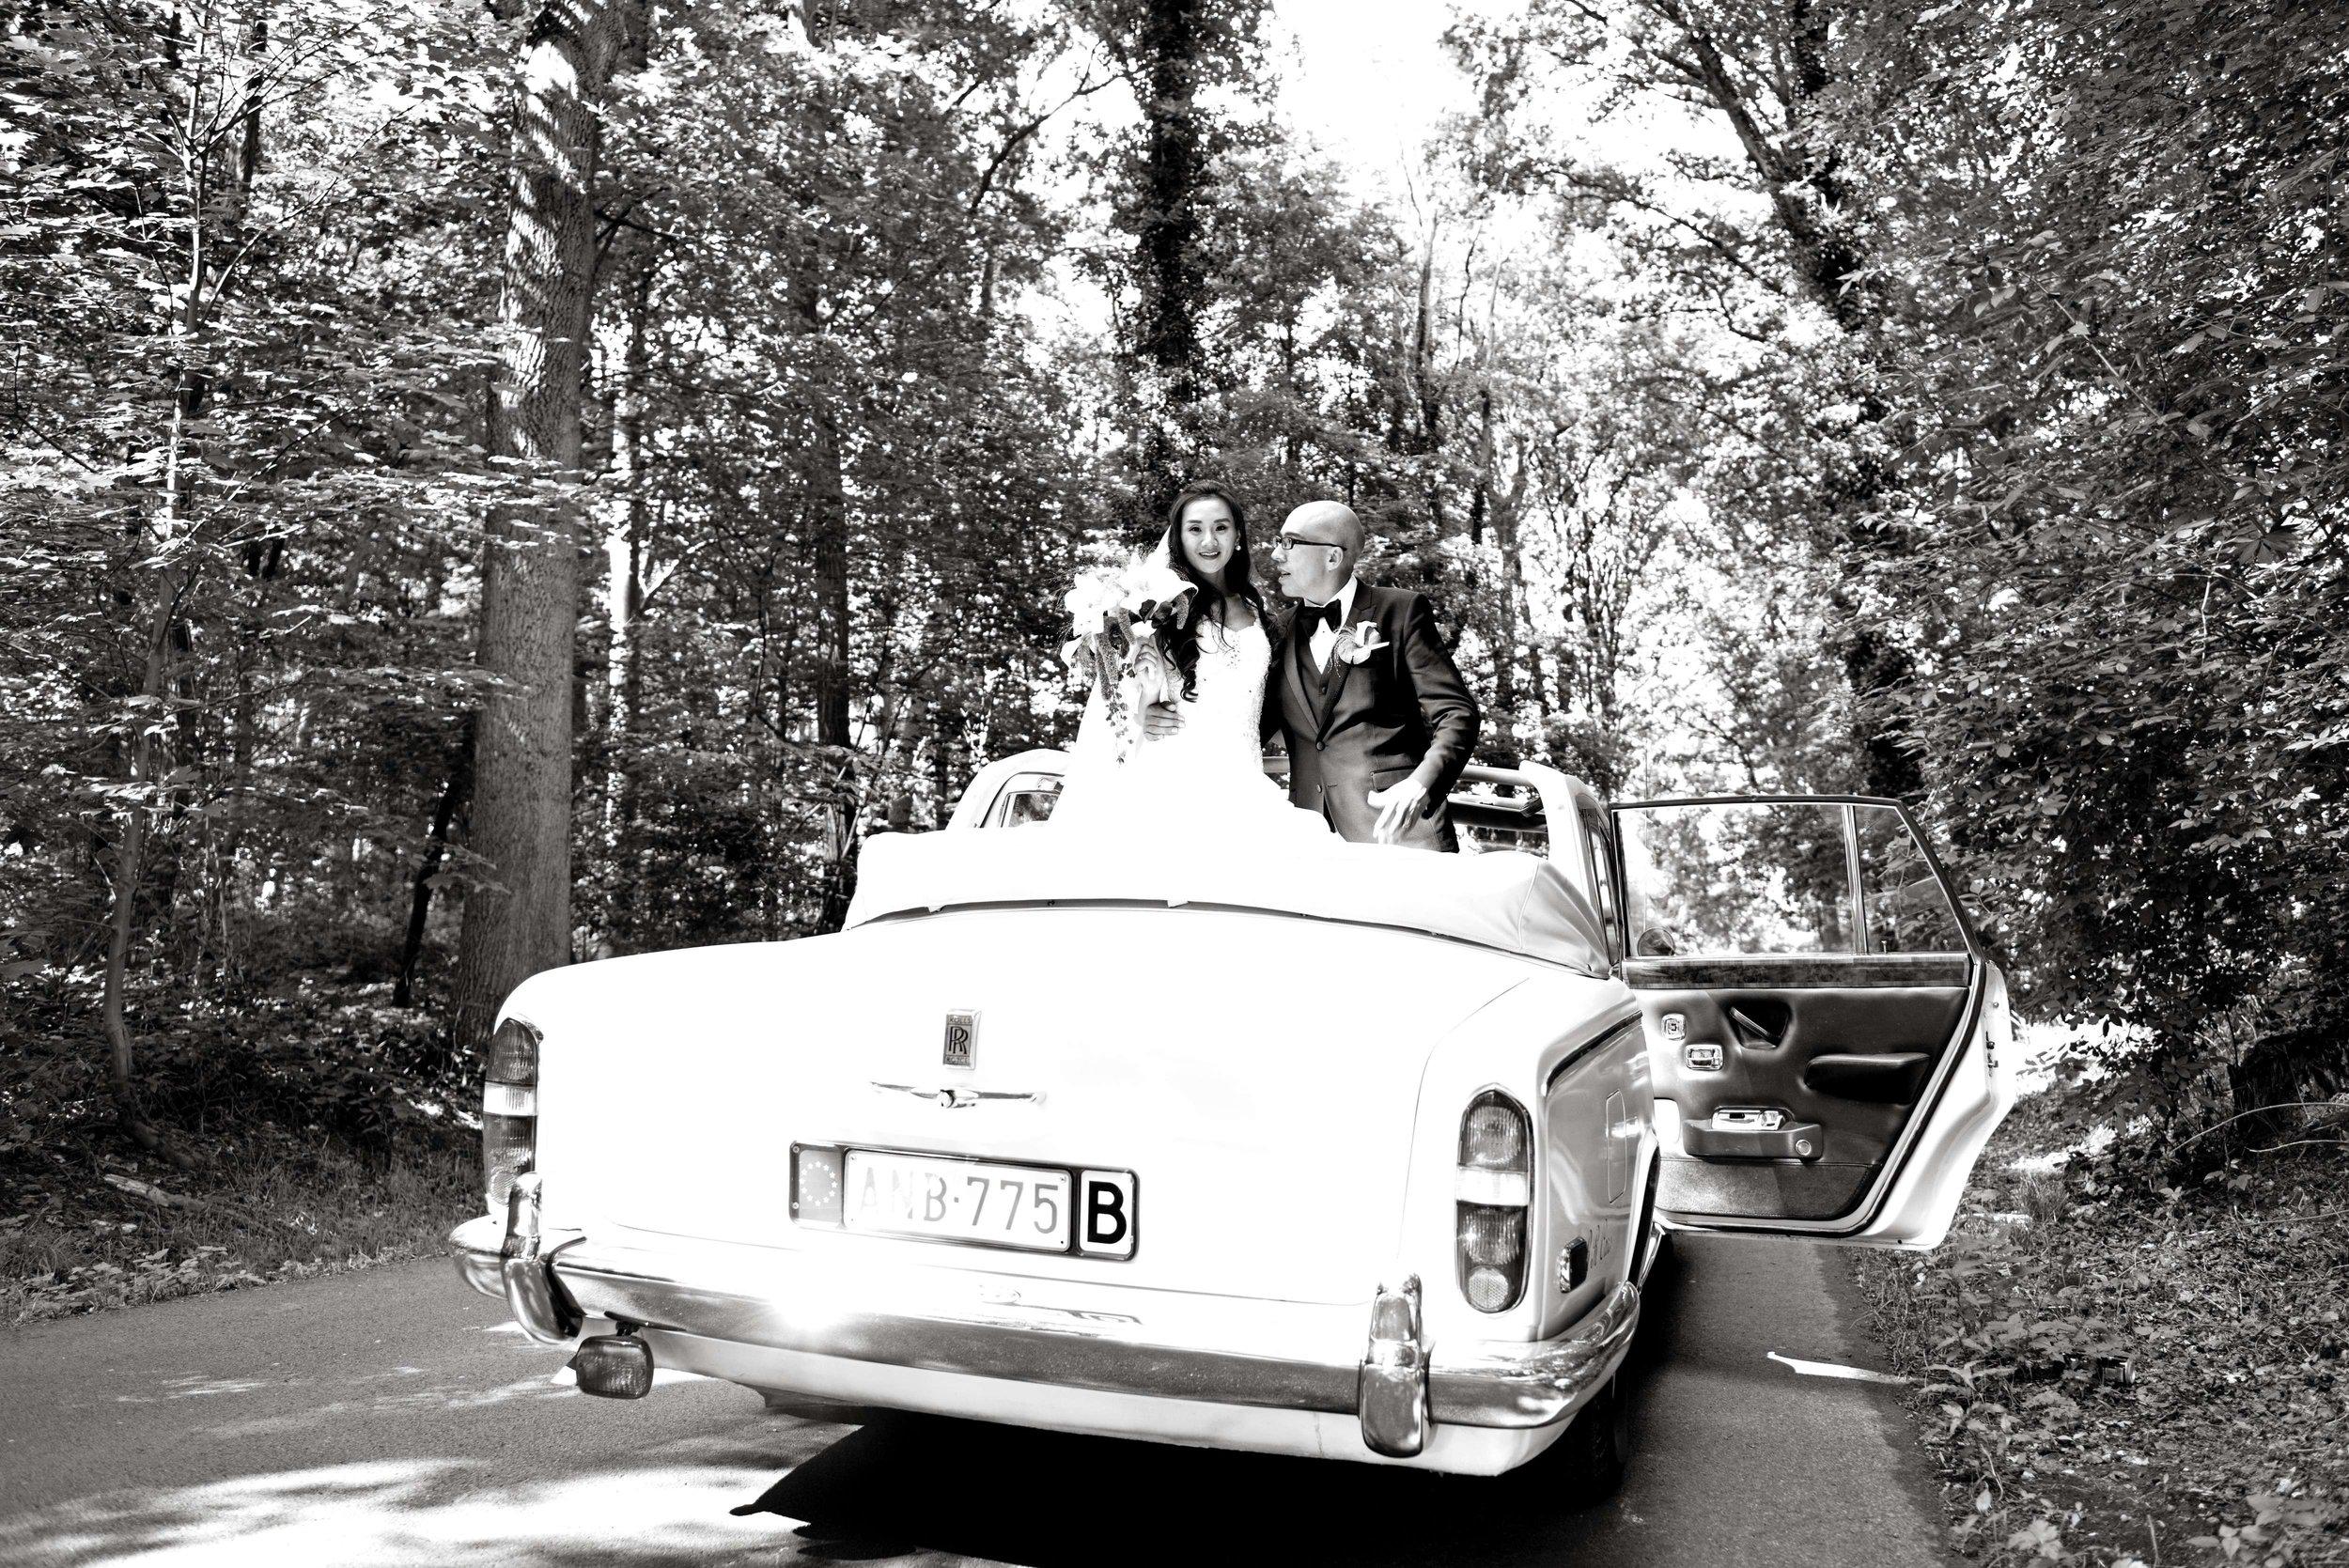 Bart Albrecht fotograaf photographer belgium belgie anbtwerpen antwerp wedding huwelijk huwelijksfotograaf trouwfotograaf trouw bruid bruidegom trouwkleed ceremonie weddingdress topphotographer topfotograaf beste best top 10 32.jpg